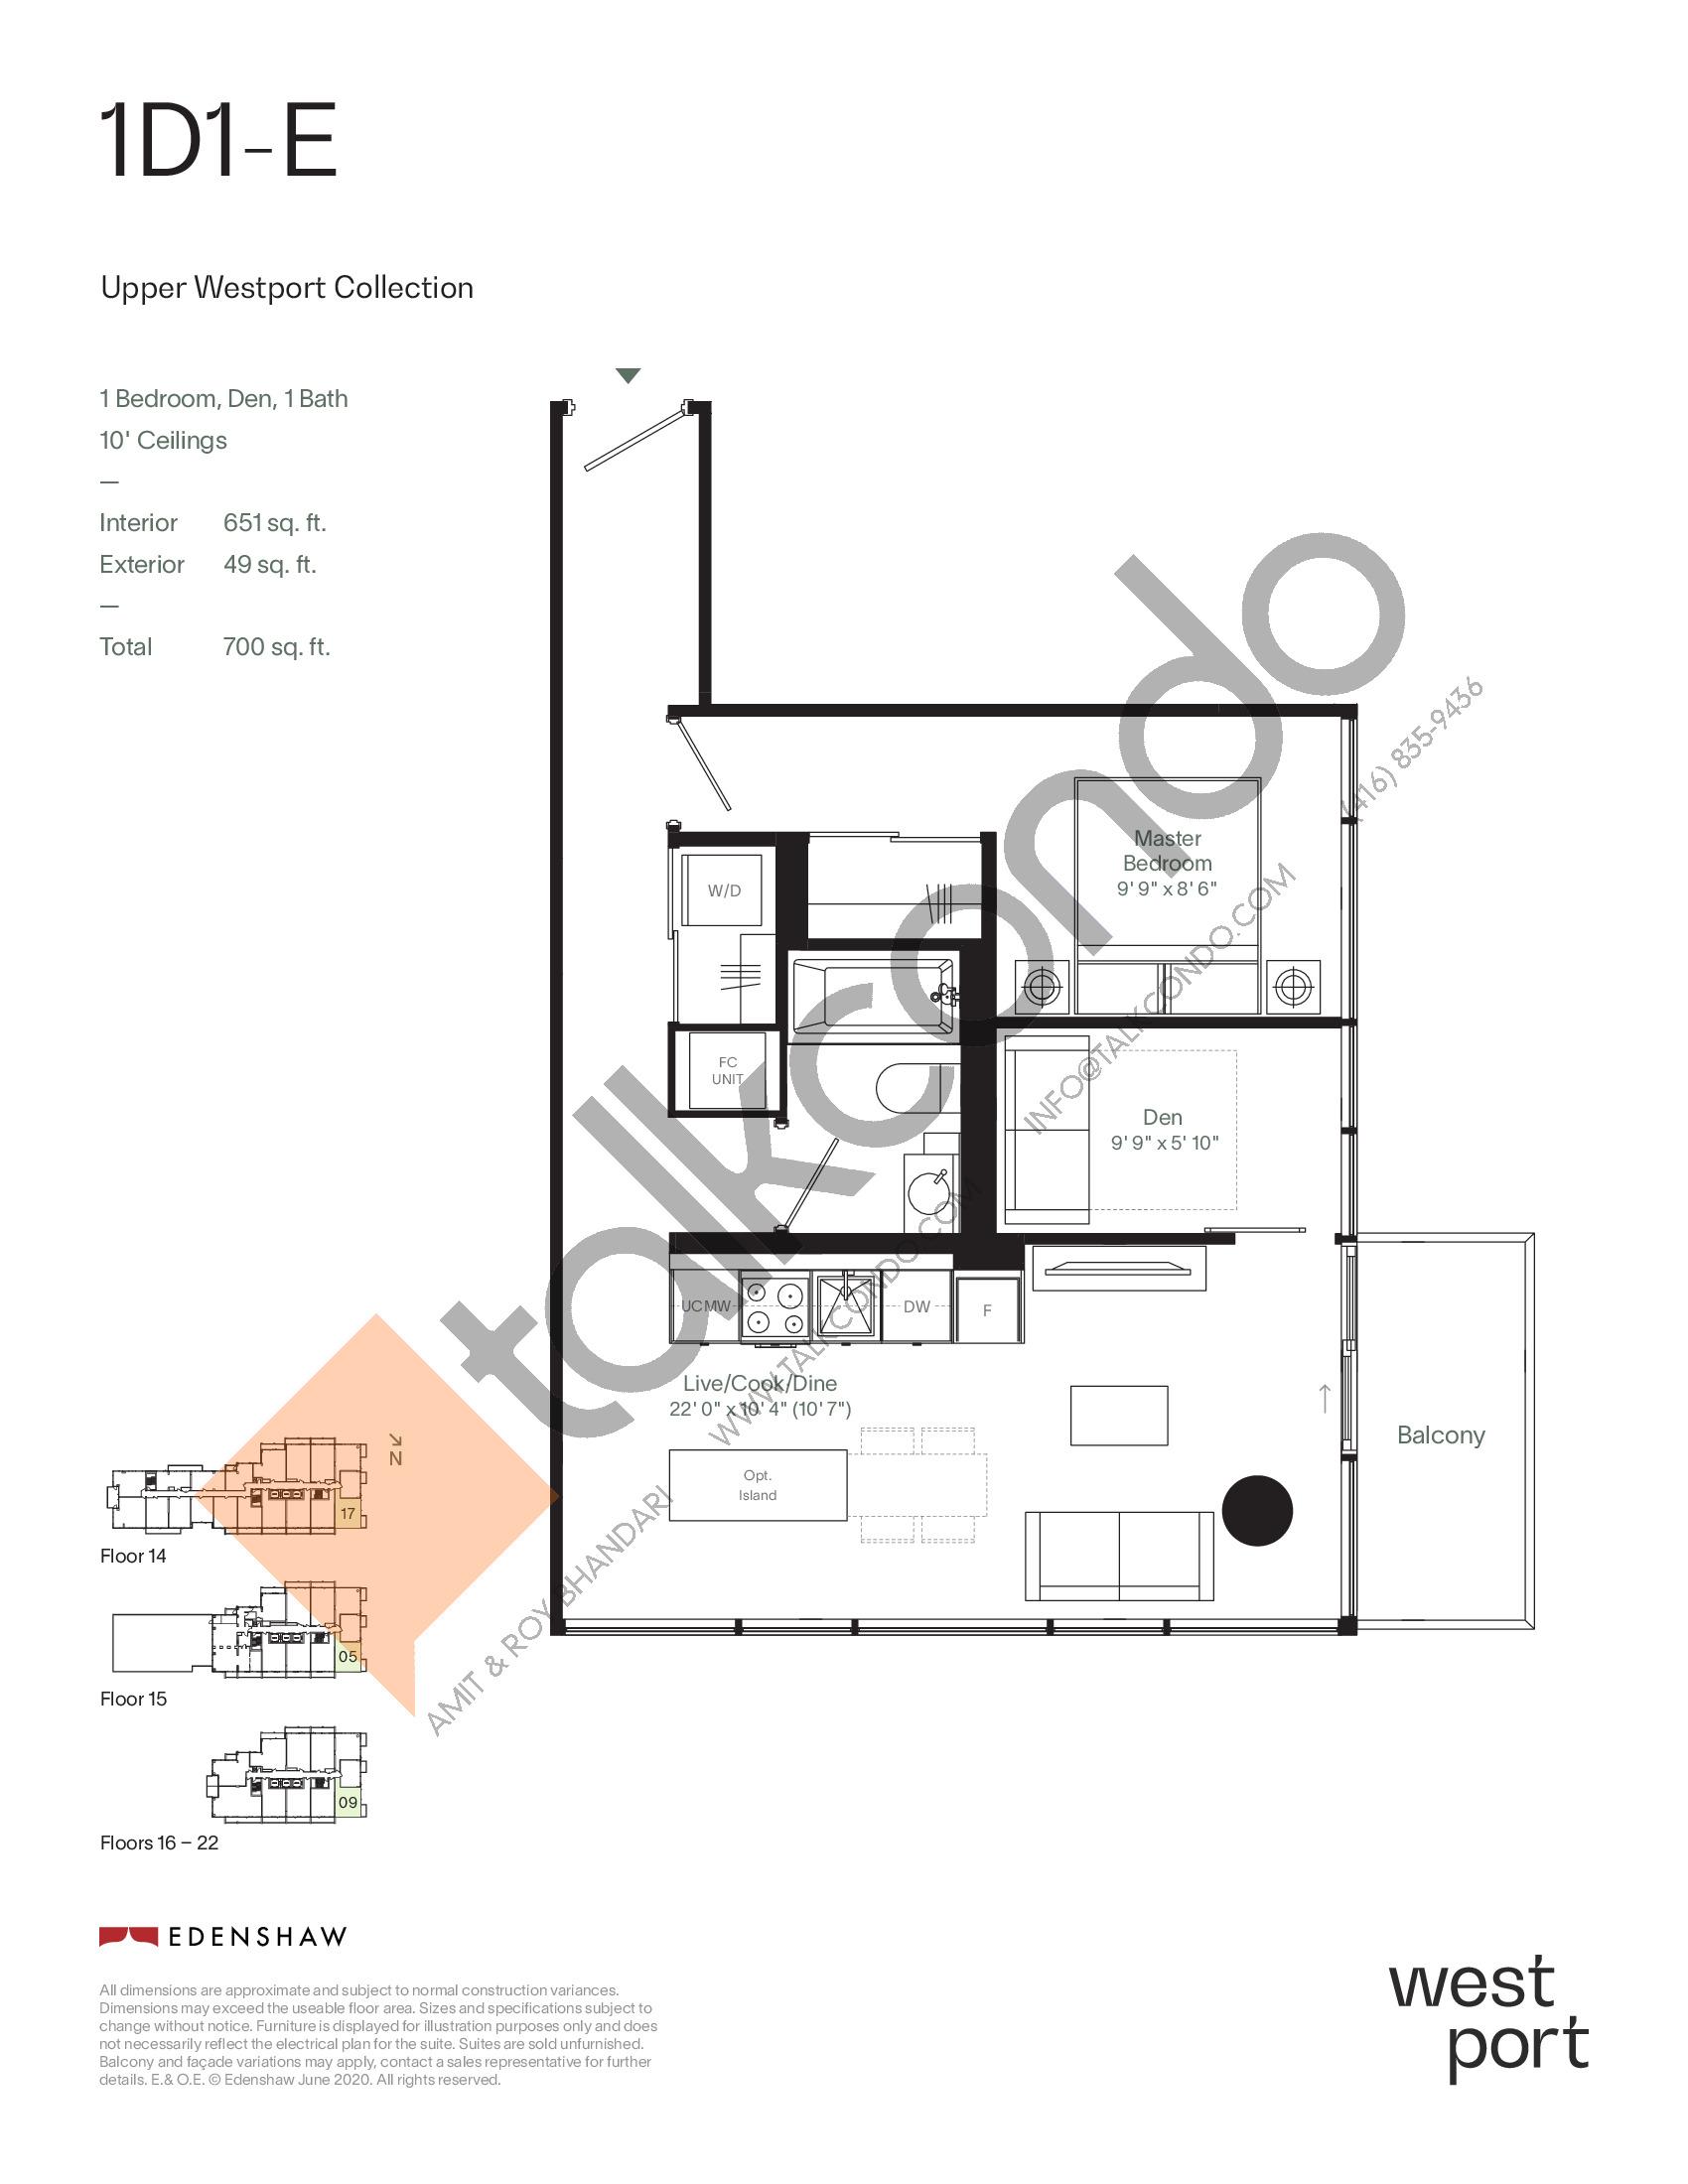 1D1-E - Upper Westport Collection Floor Plan at Westport Condos - 651 sq.ft